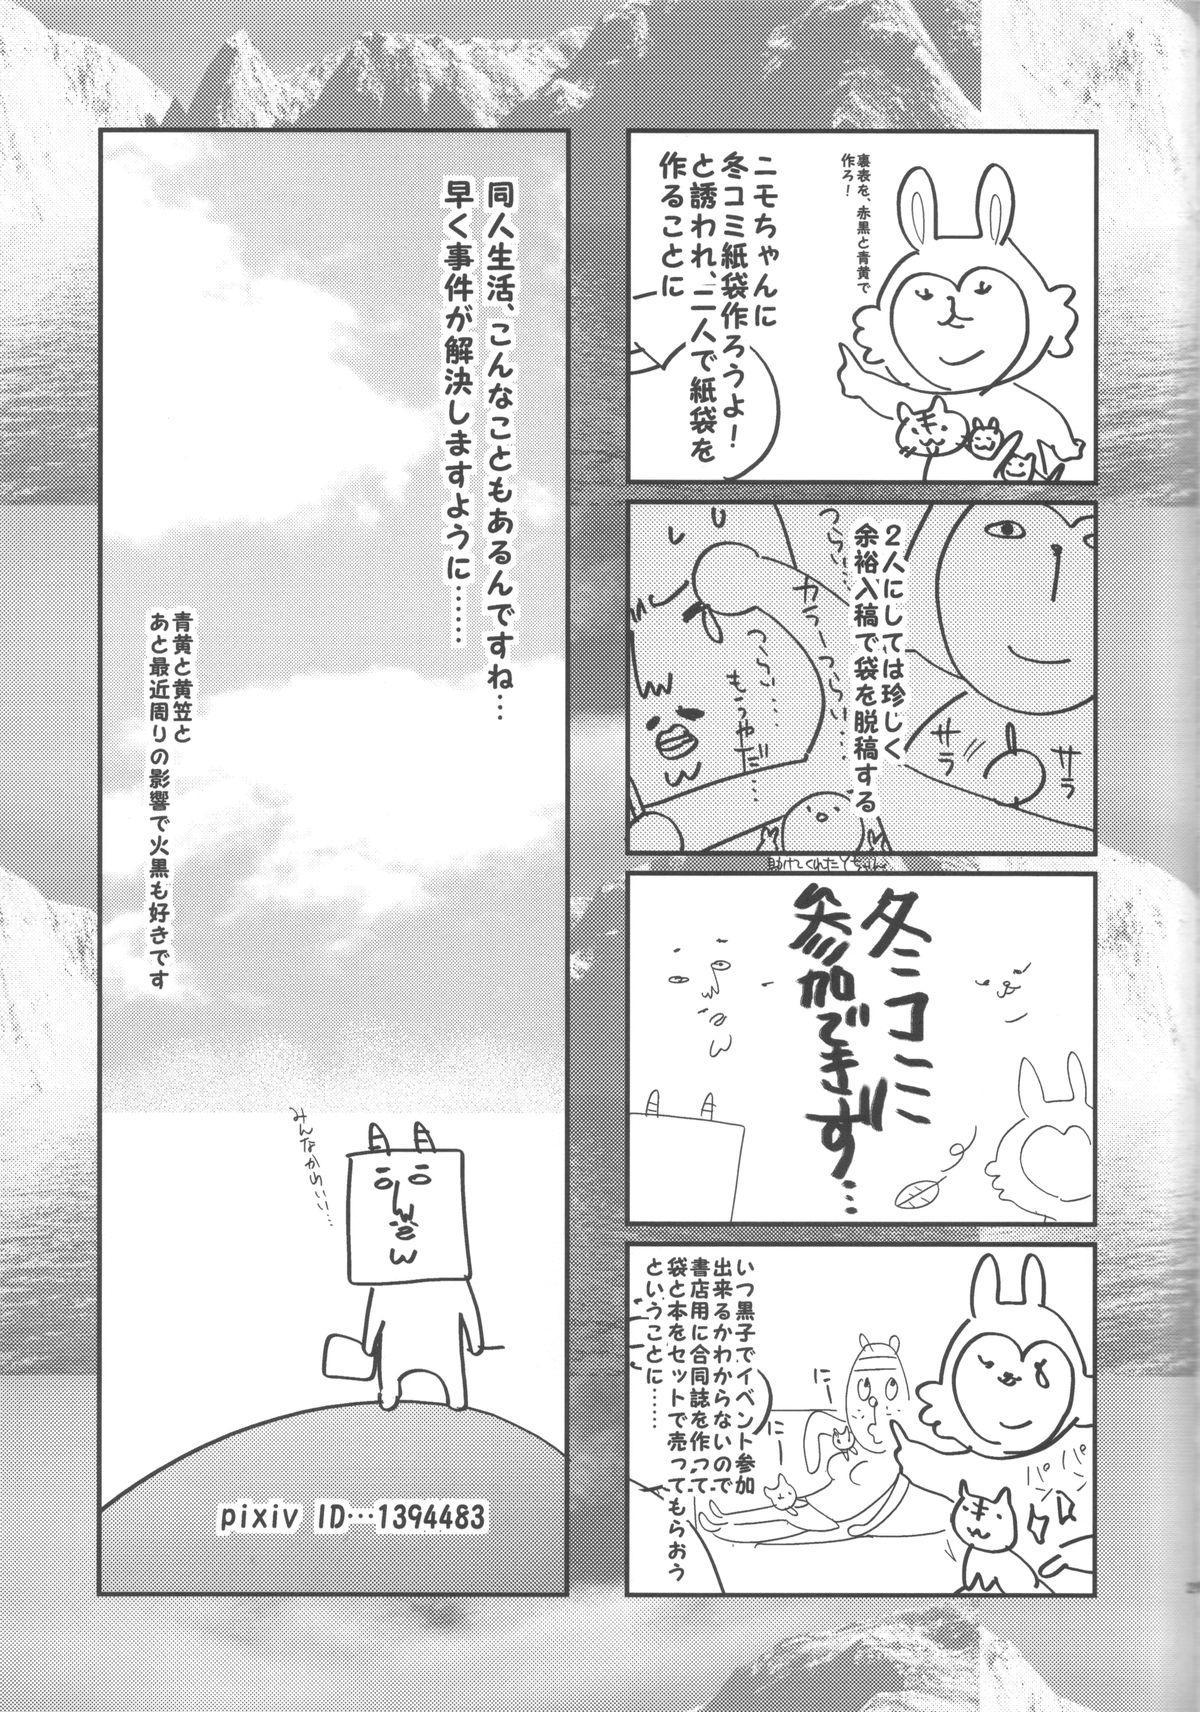 Tomodachi na noni Oishisou 27